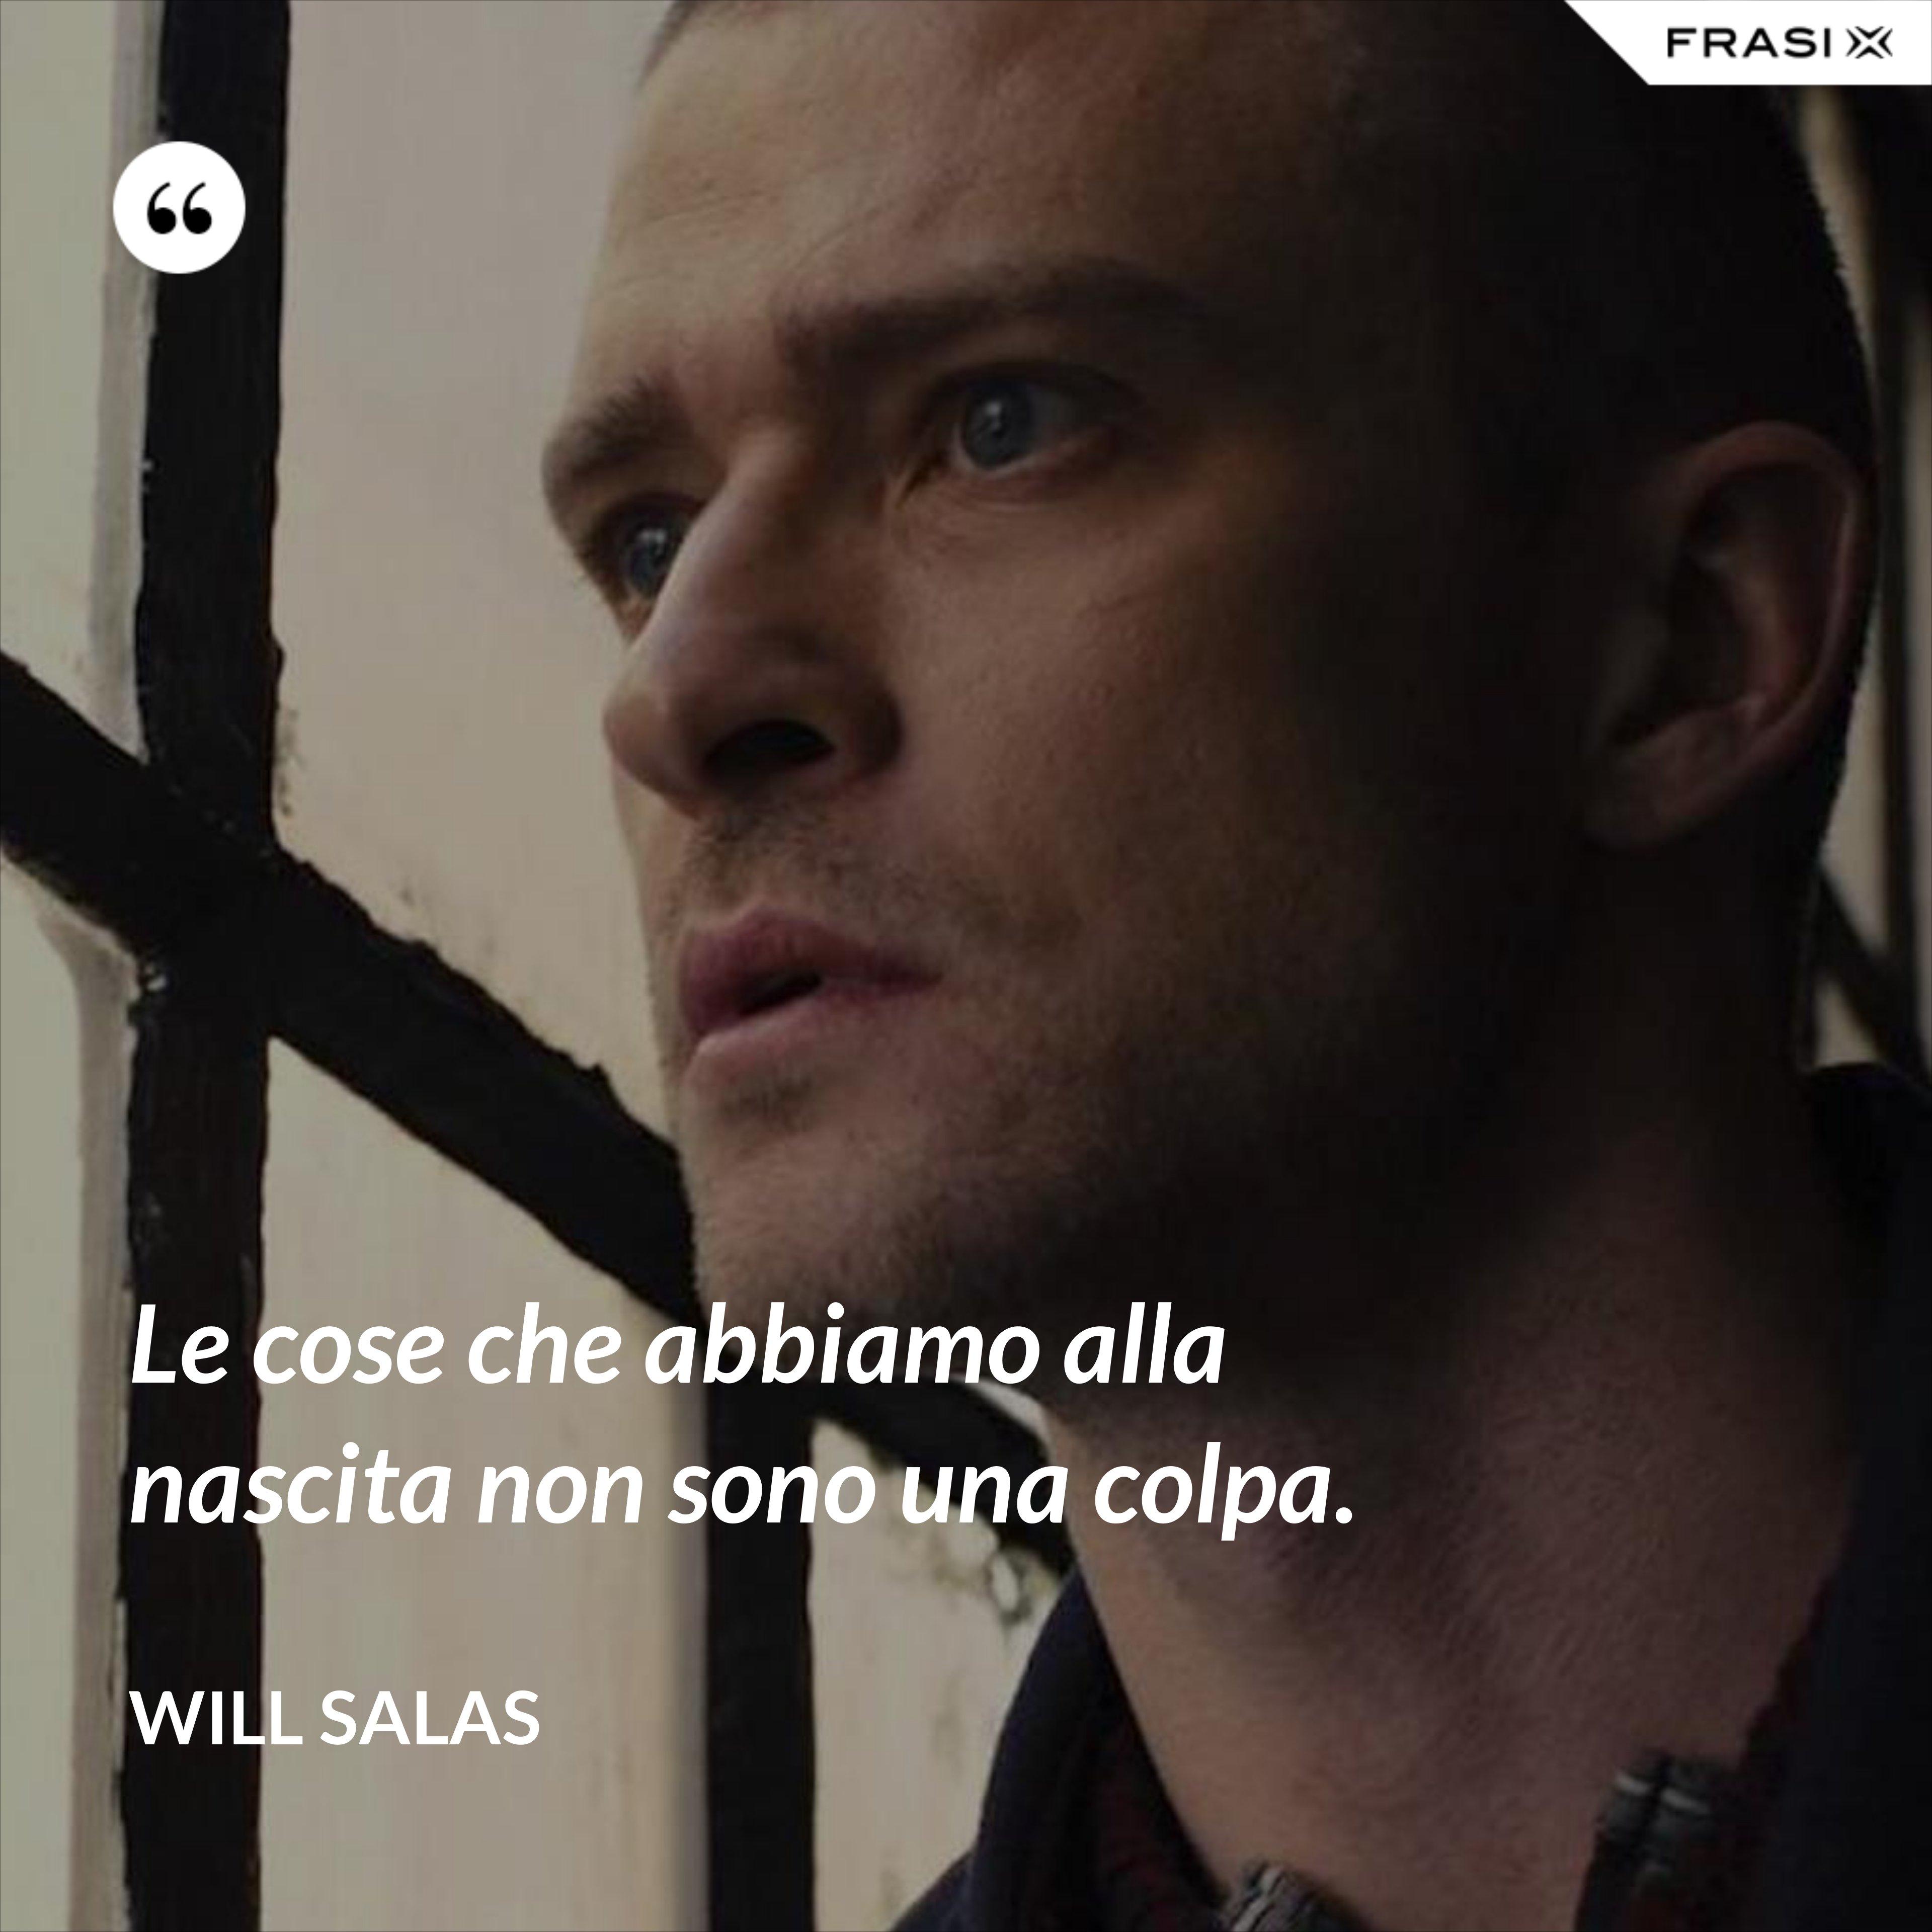 Le cose che abbiamo alla nascita non sono una colpa. - Will Salas